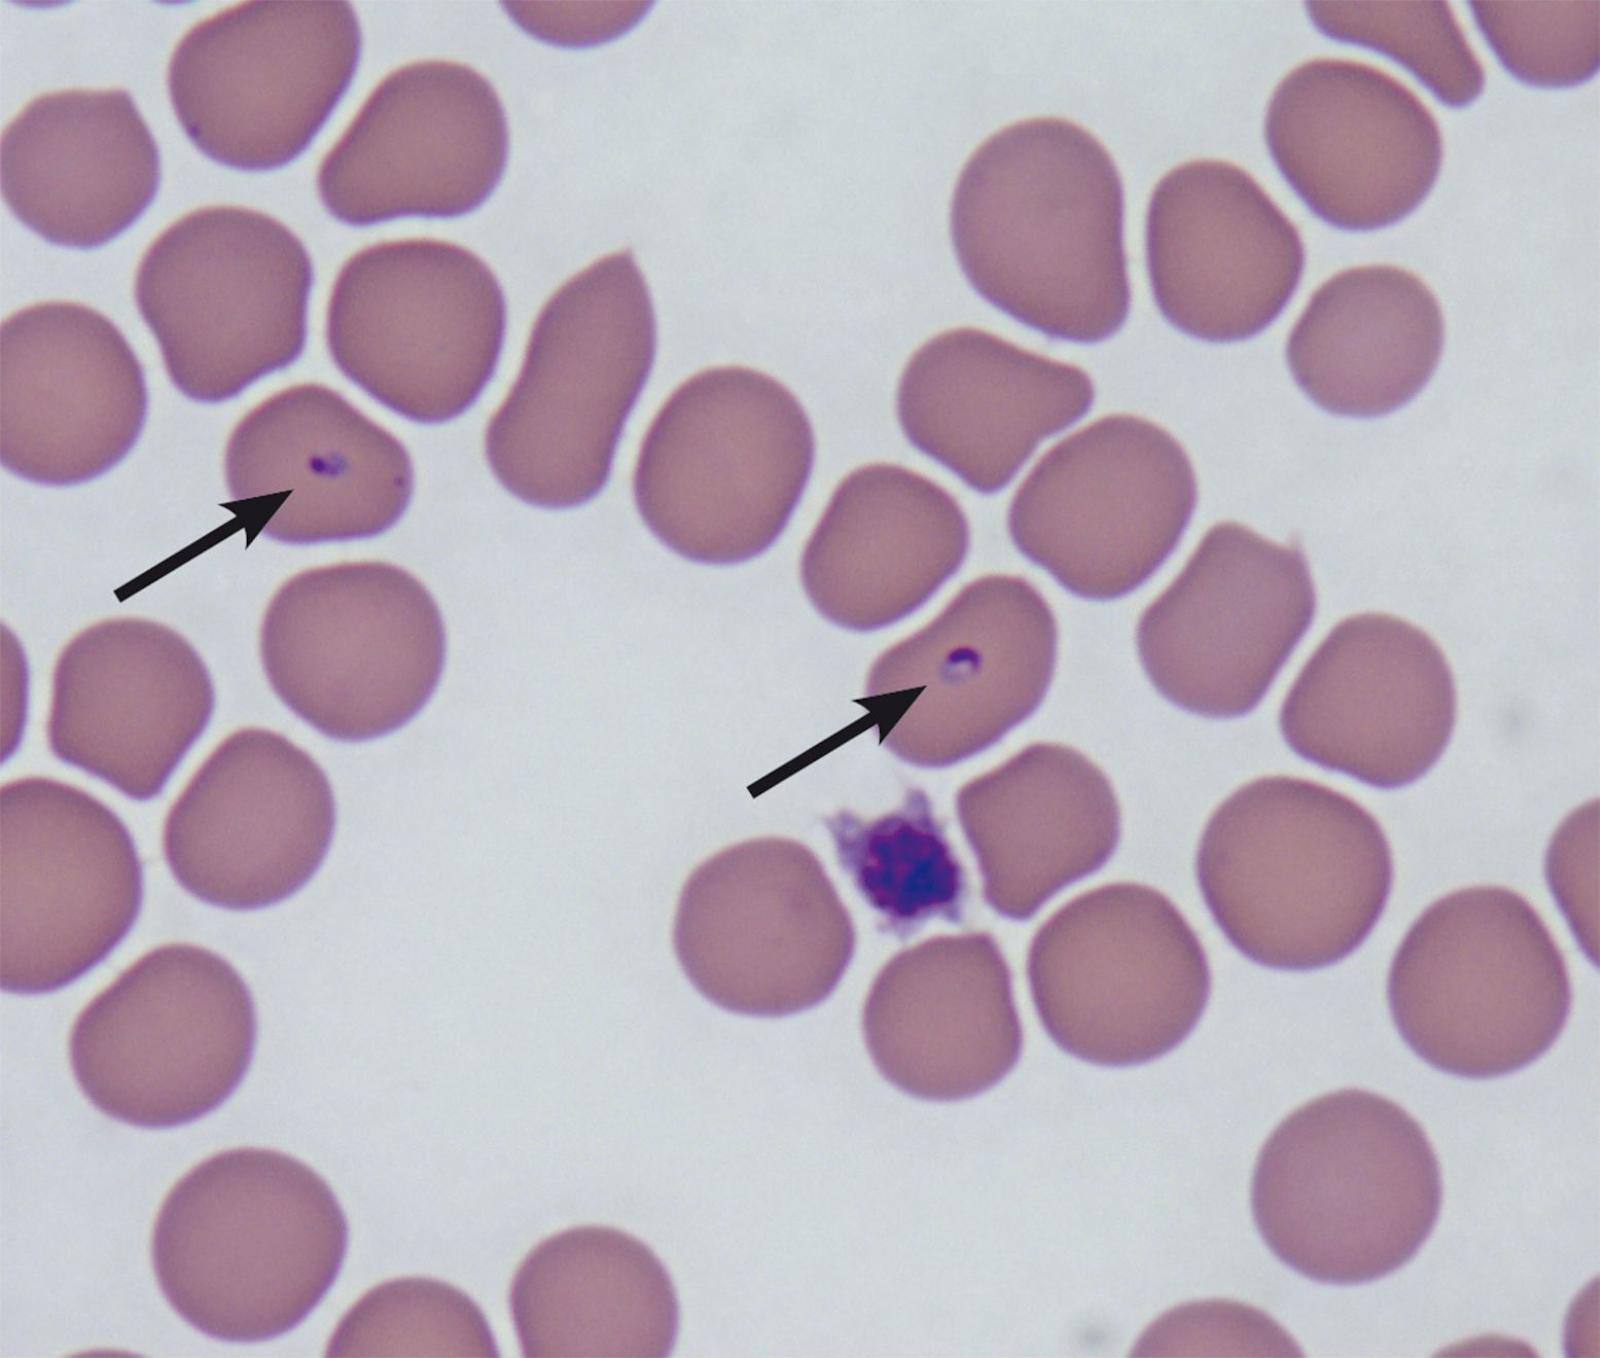 Intracellular trophozoites of Babesia felis